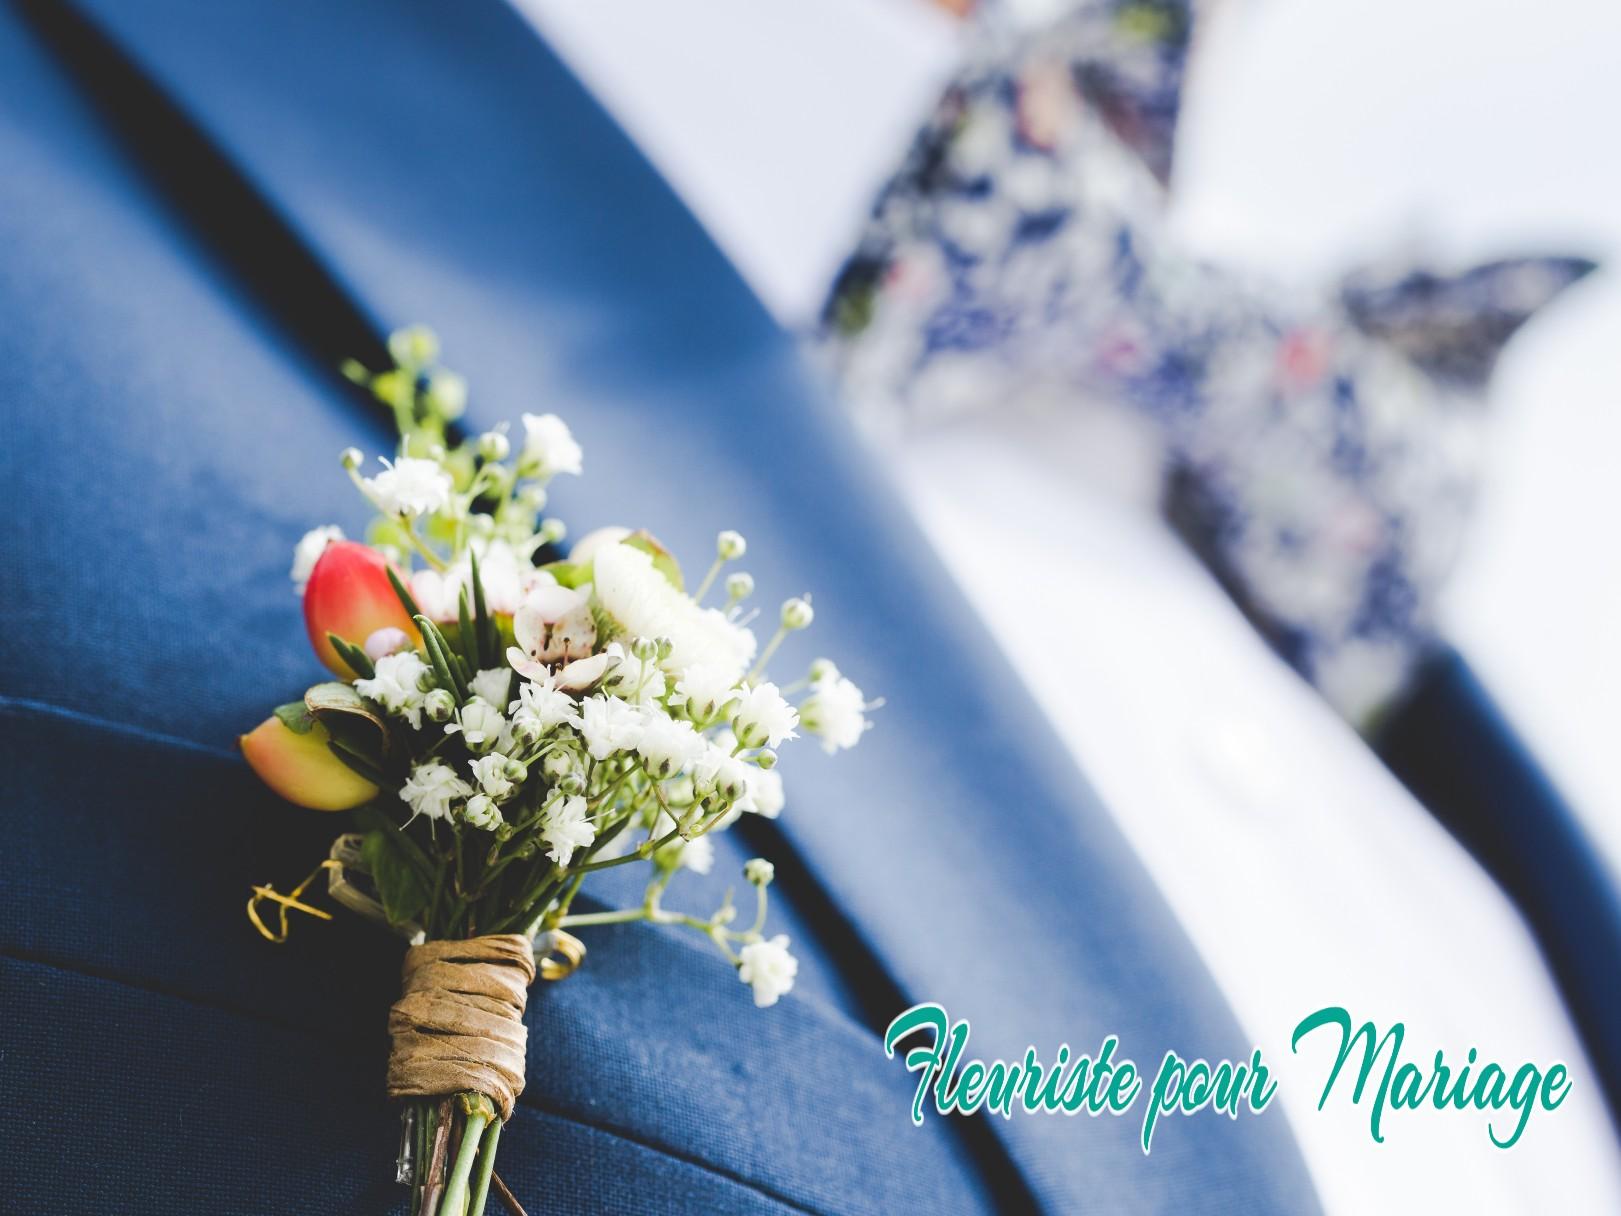 BOUTONNIÈRE DU MARIÉ OPIO - FLEURISTE MARIAGE OPIO - FLEURS MARIAGE OPIO